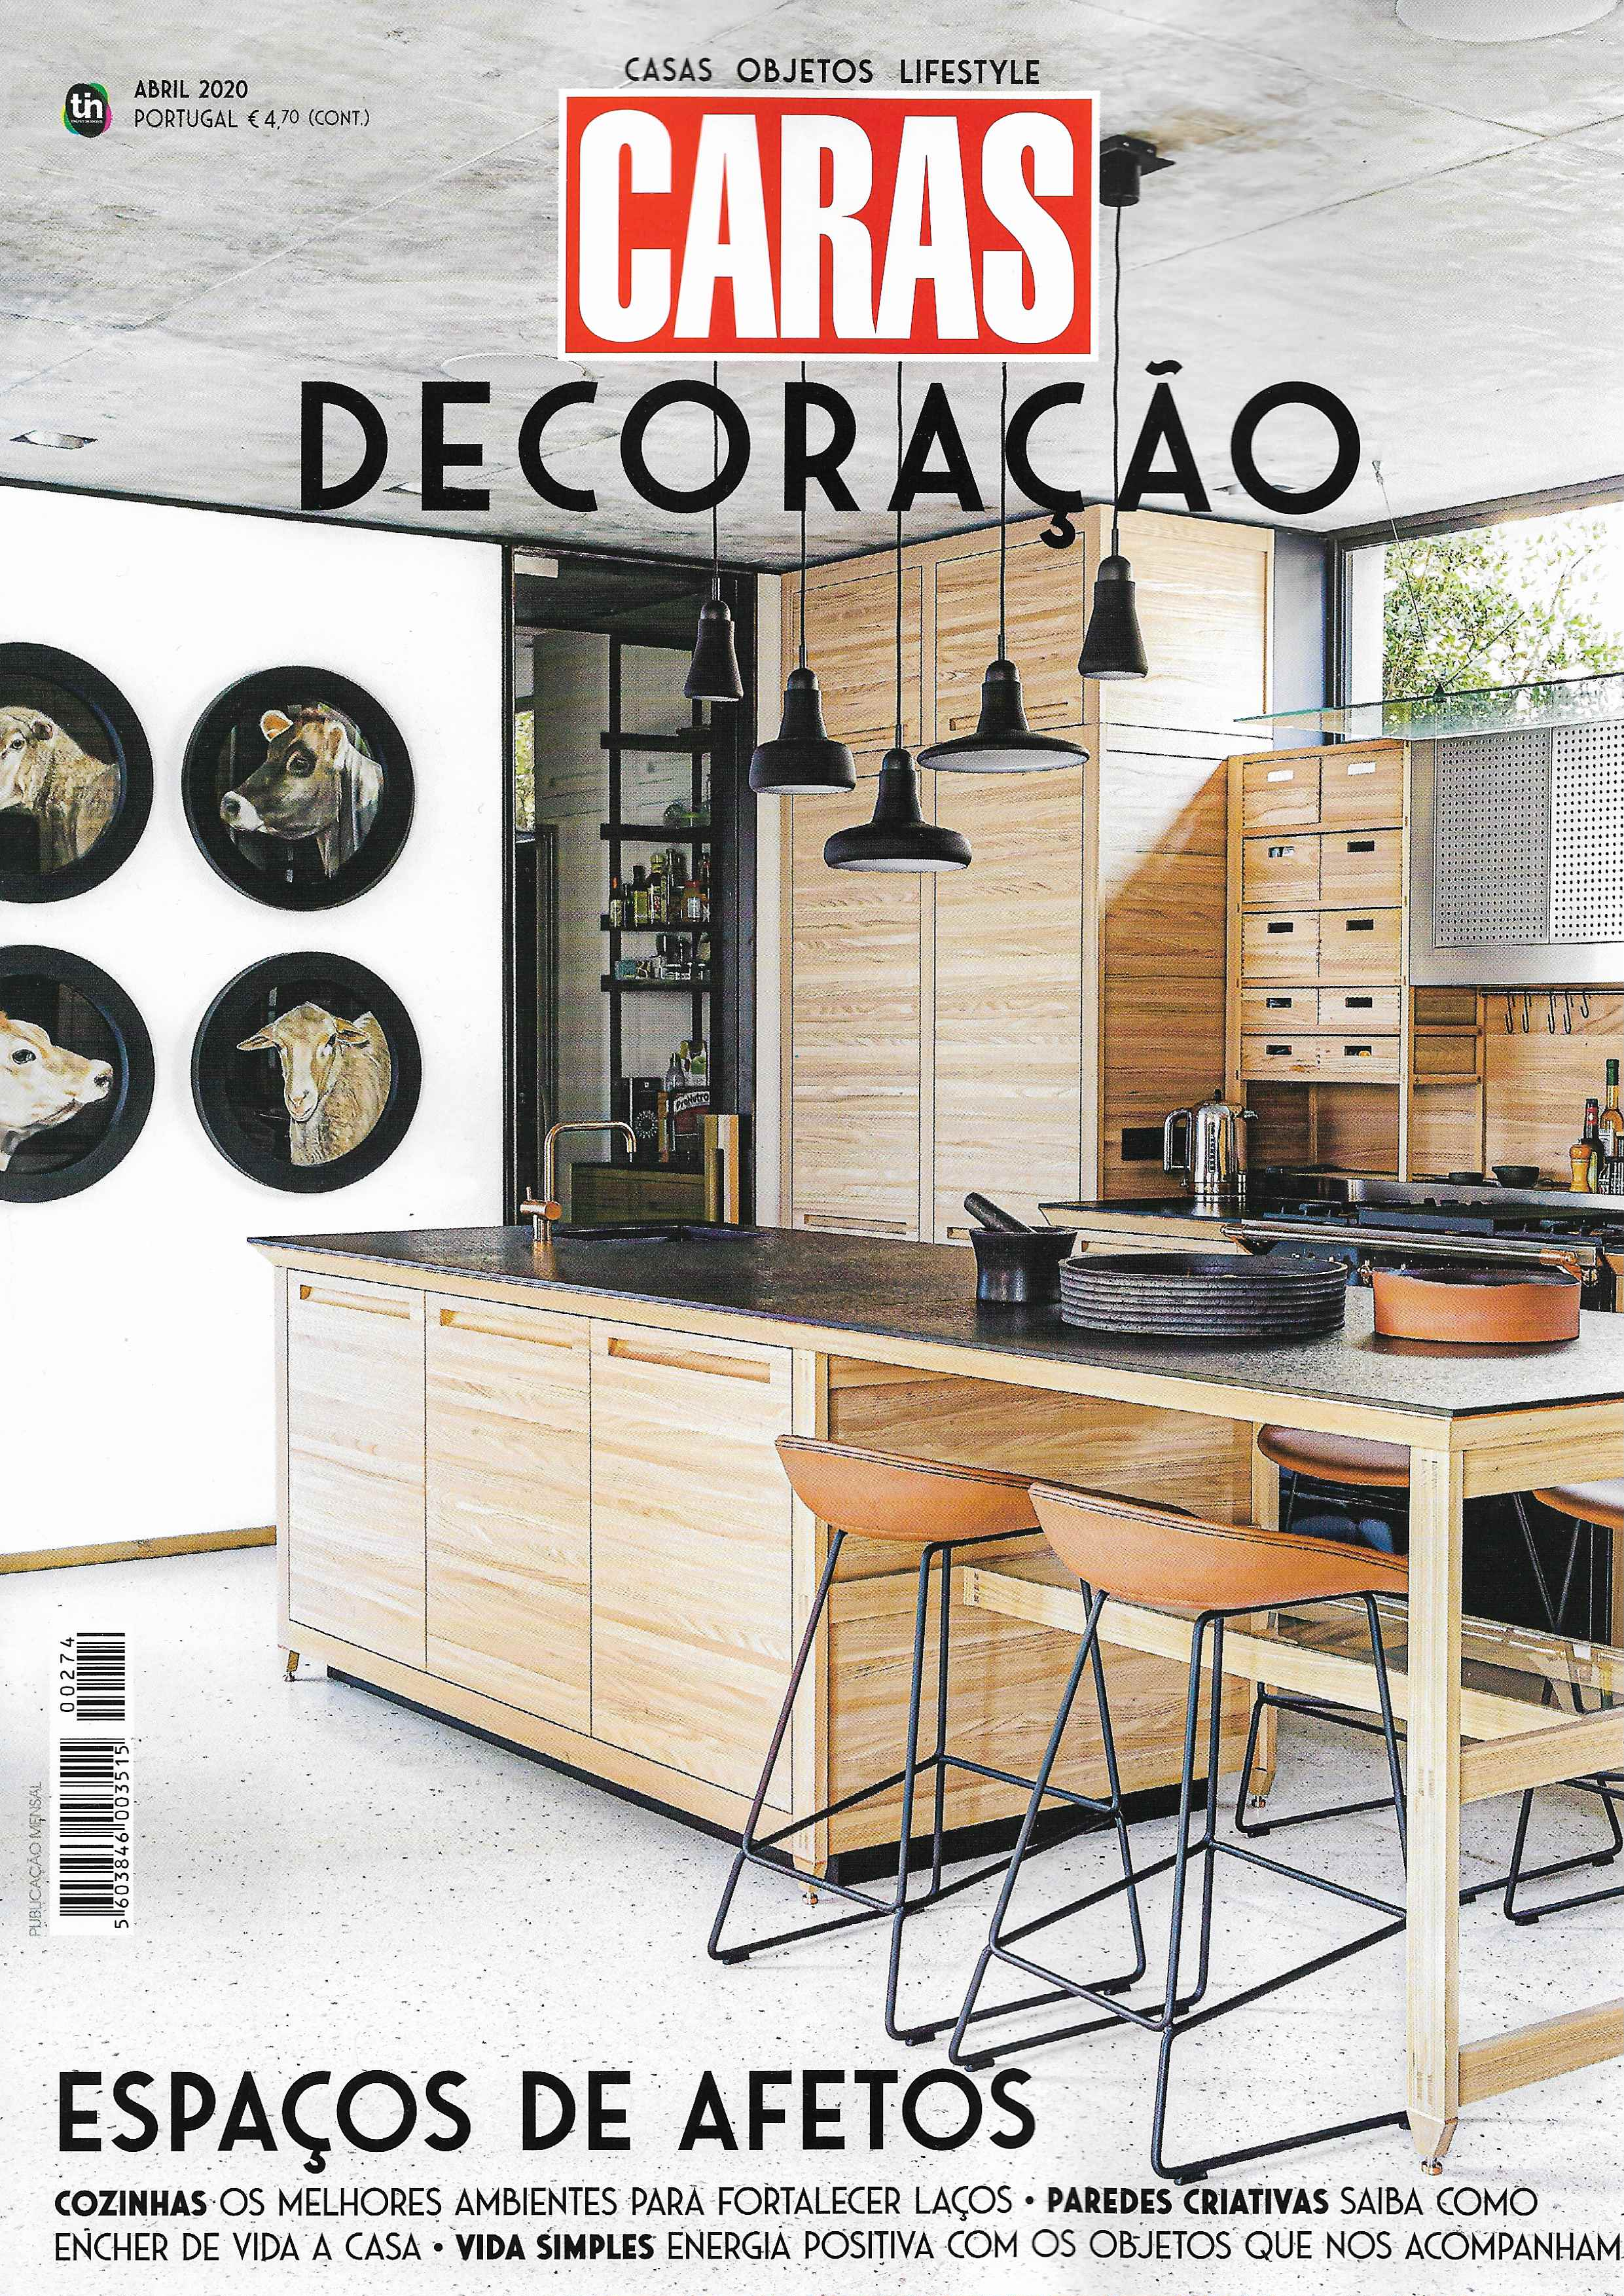 CARAS_DECORAÇÃO_April_2020_00